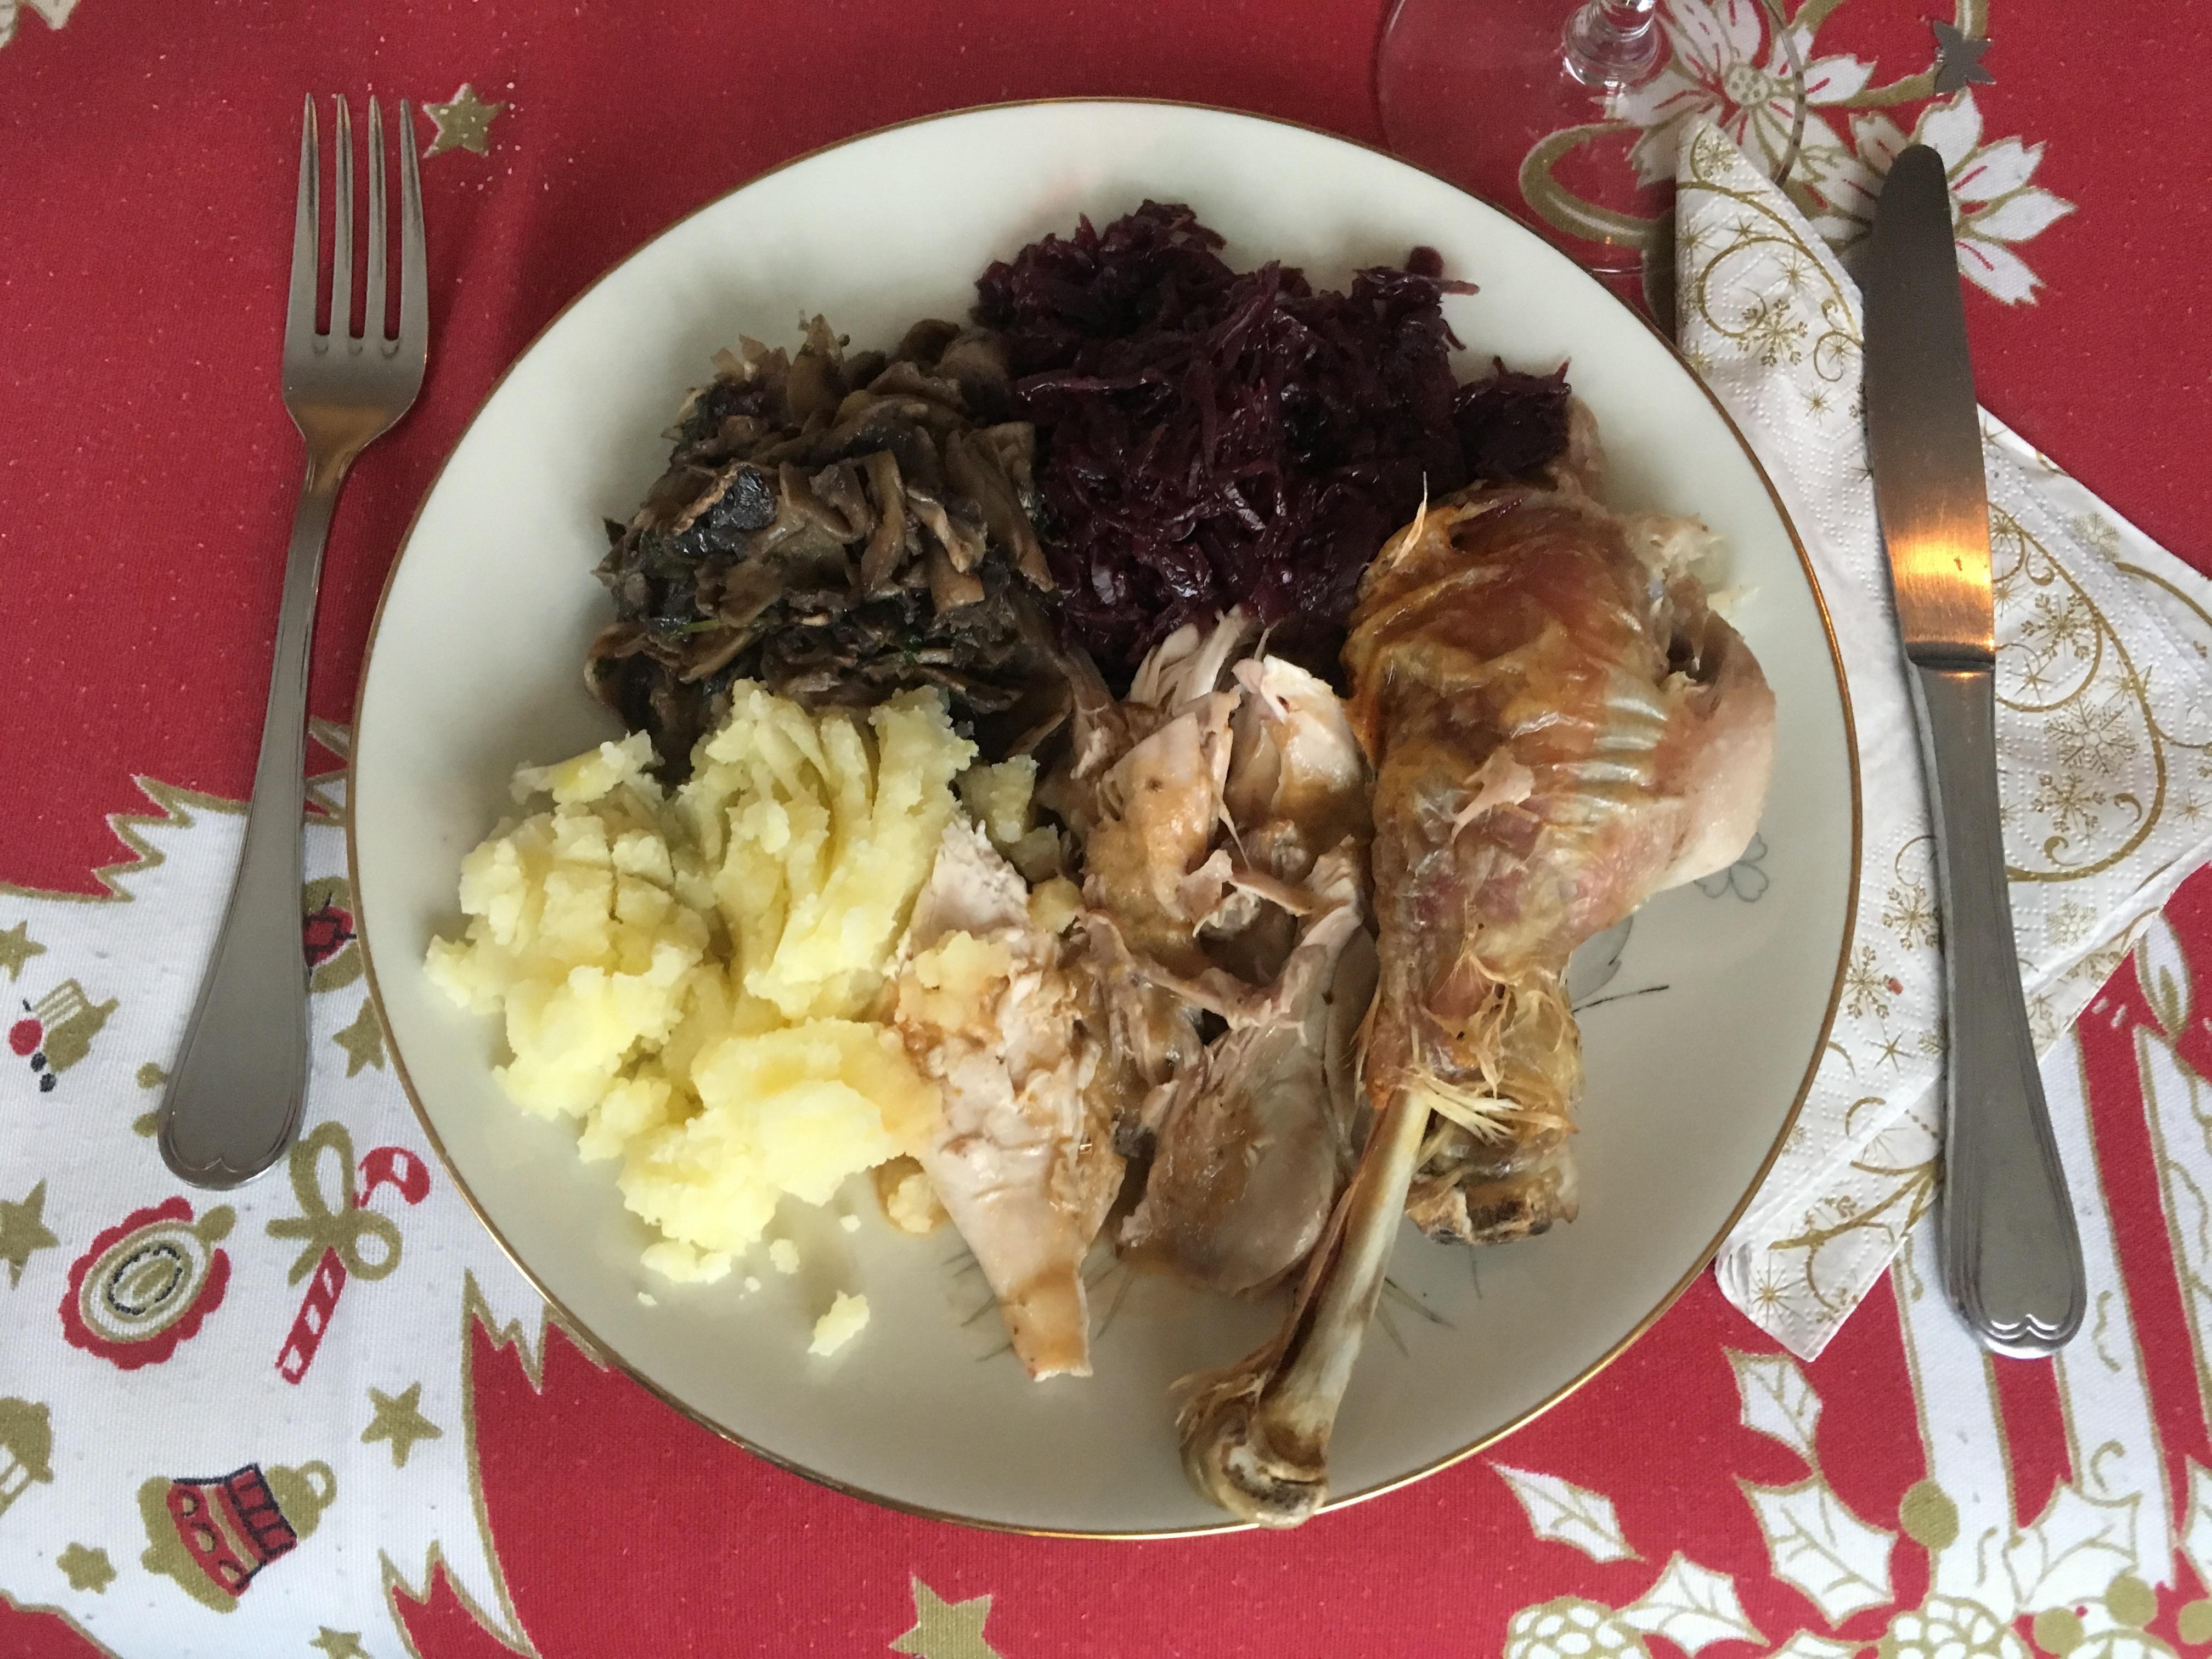 lifestyle-italienisches-weihnachtsessen-essen-weihnachten-heiligabend-weihnachtsmenue-6-2